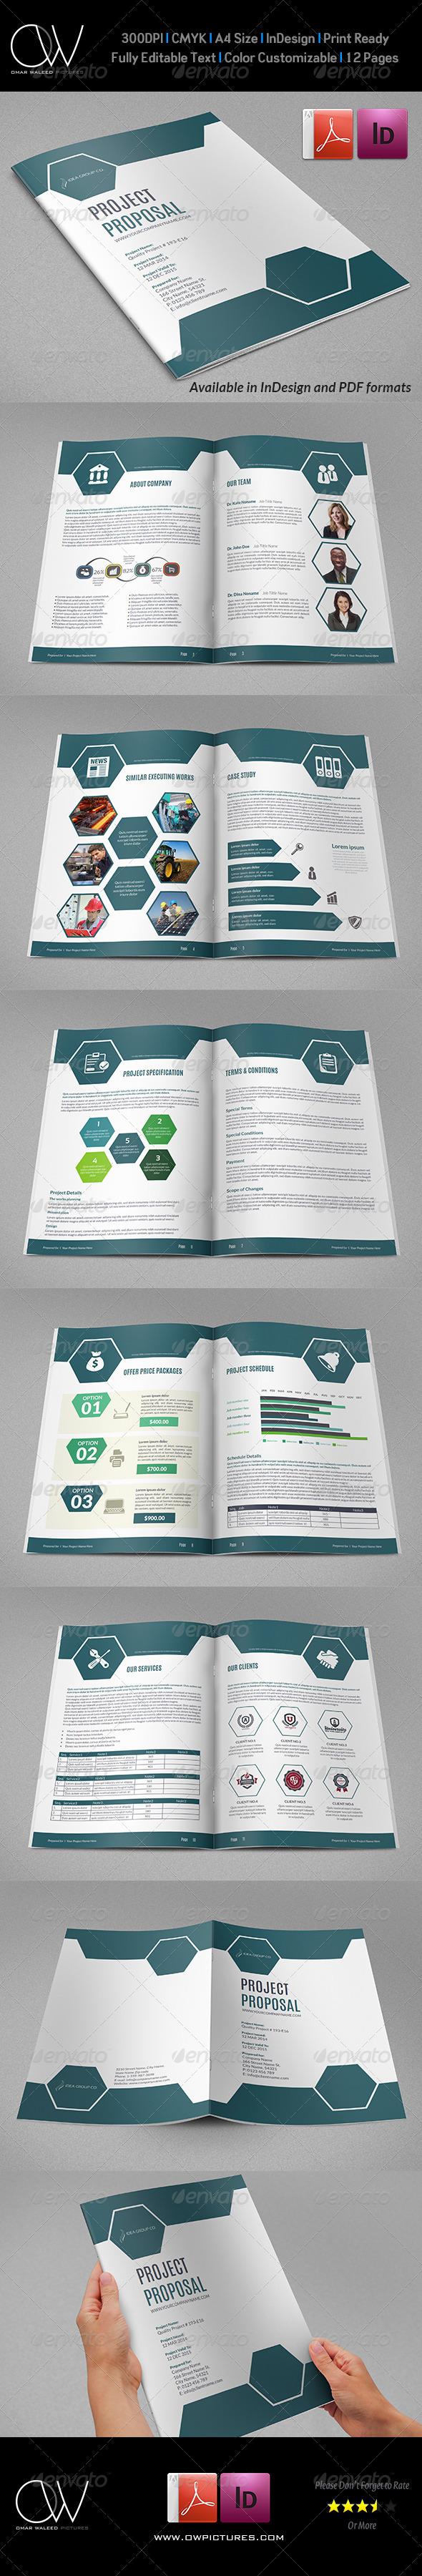 GraphicRiver Company Proposal Brochure Template Vol.3 7667951